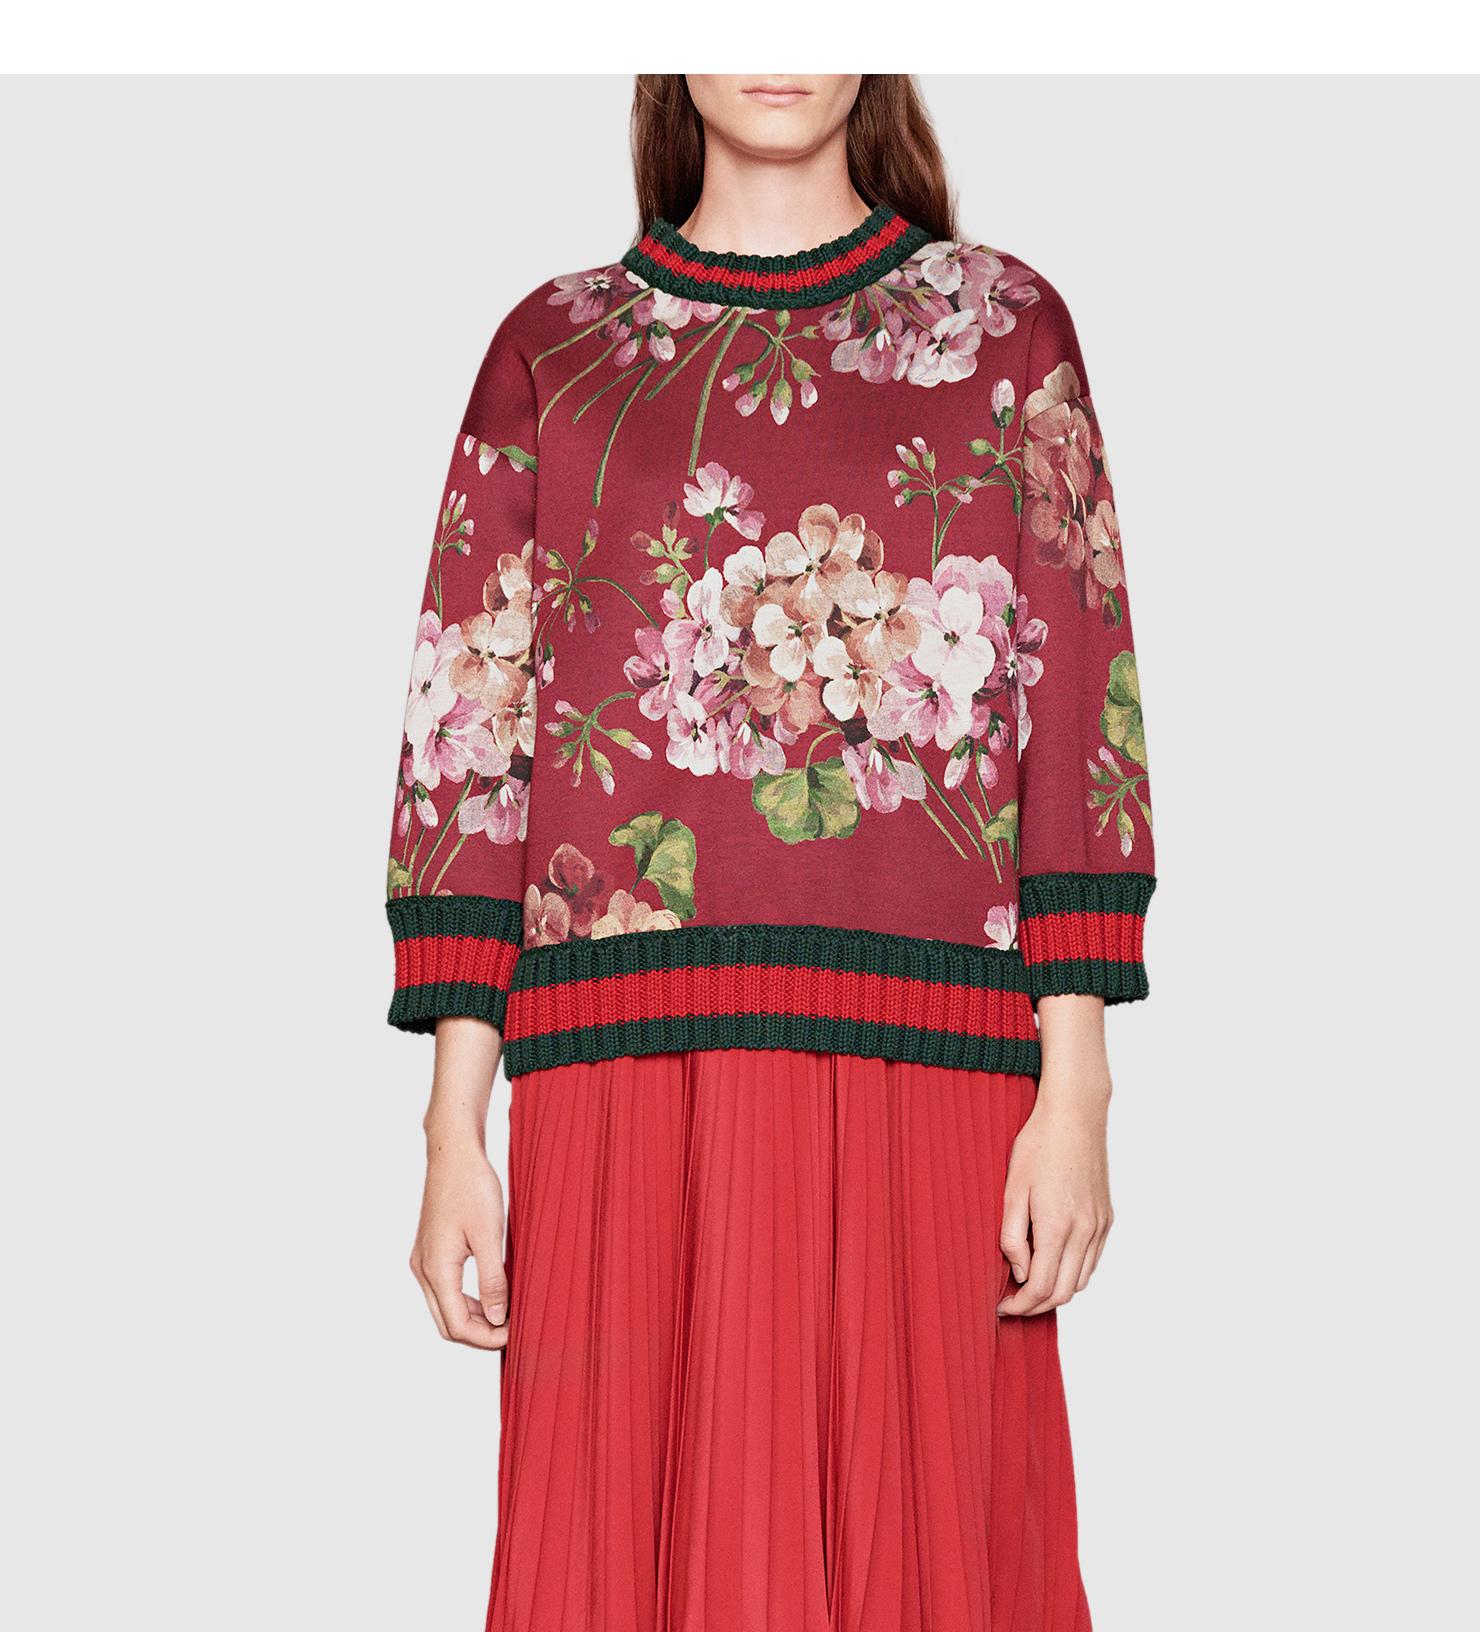 Gucci Blooms Print Jersey Sweatshirt - 1045.3KB